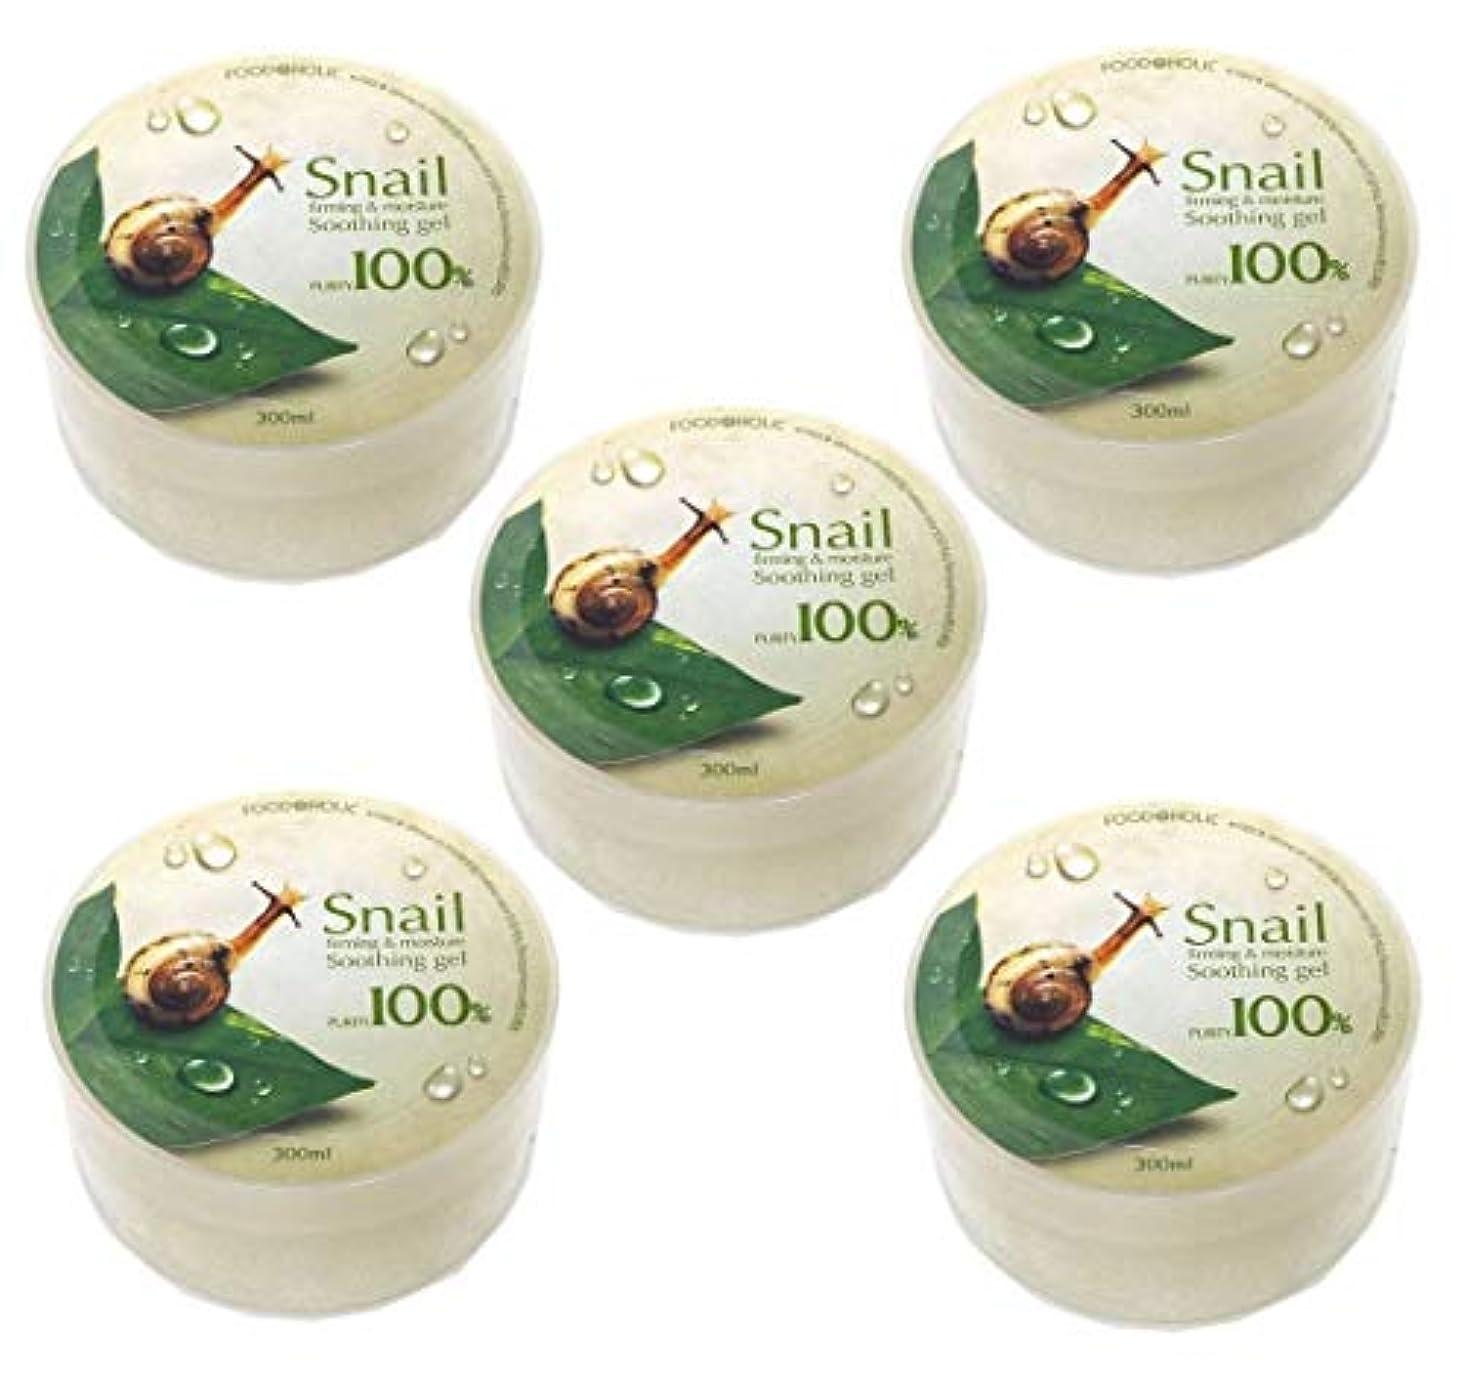 困惑する達成履歴書[Food A Holic] スネイルファーミング&水分スージングジェル300ml X 5ea / Snail Firming & moisture Soothing Gel 300ml X 5ea / 純度97% /...